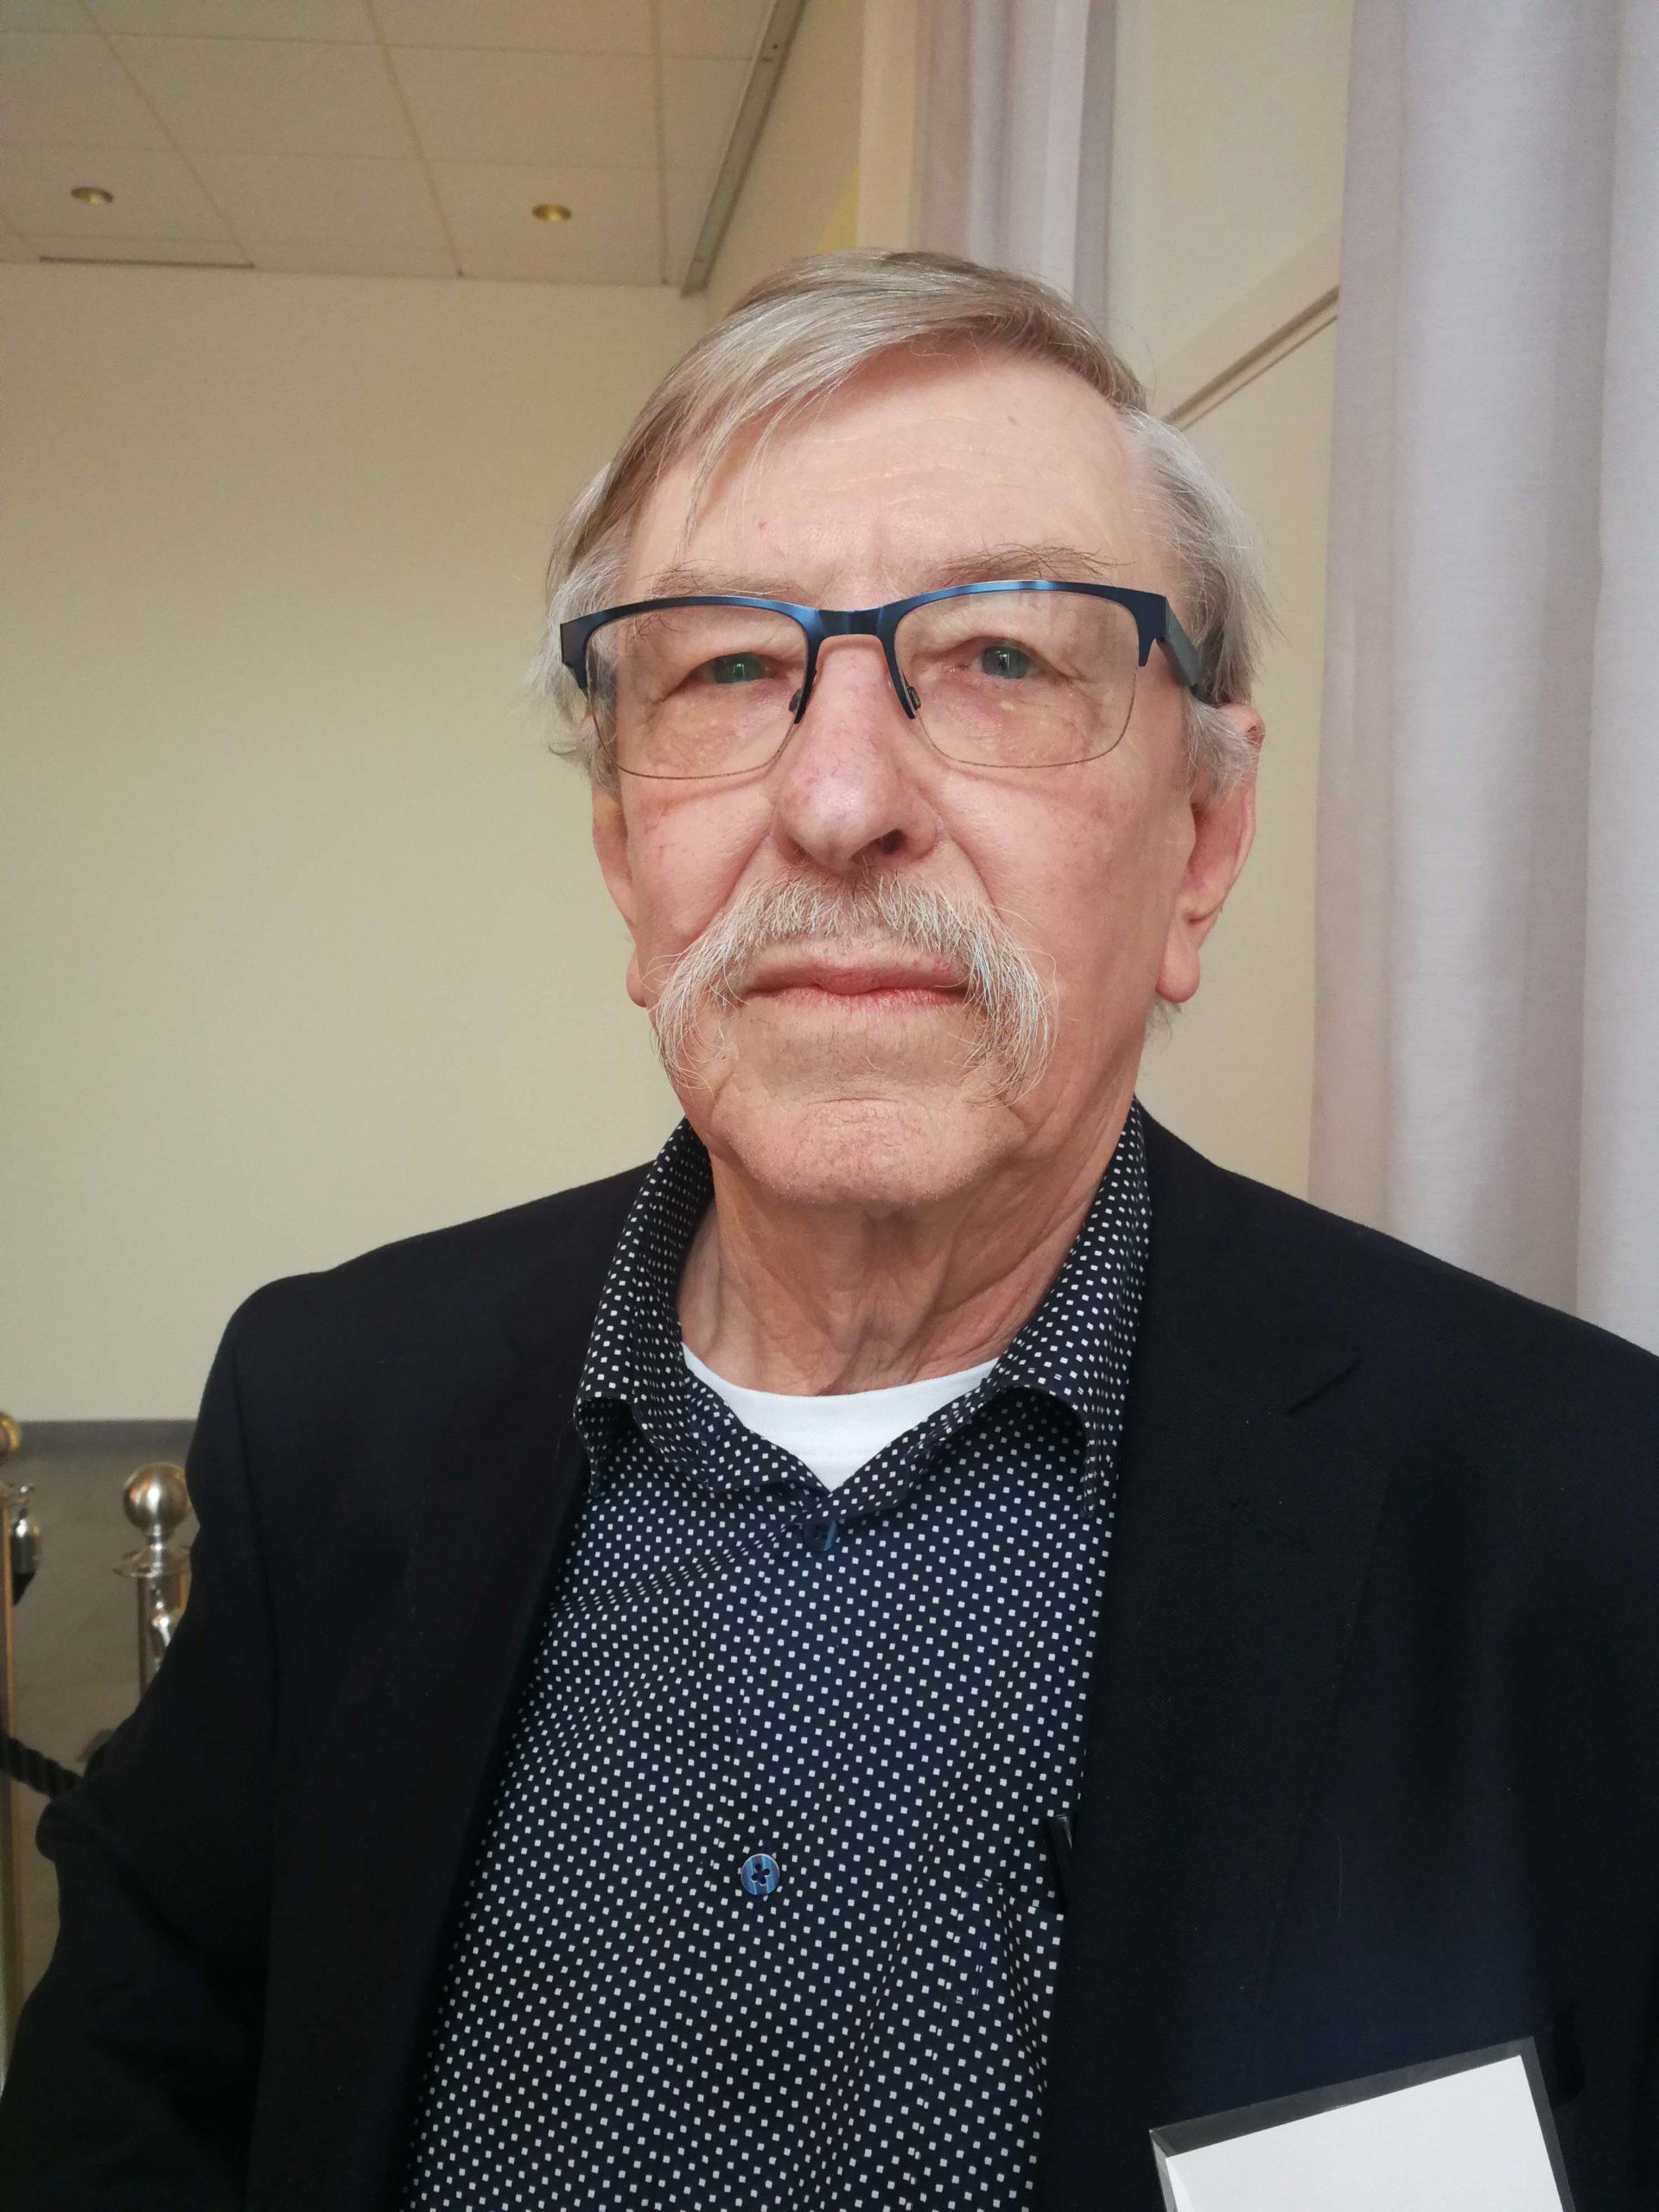 Roland von Bothmer, Professor Emeritus